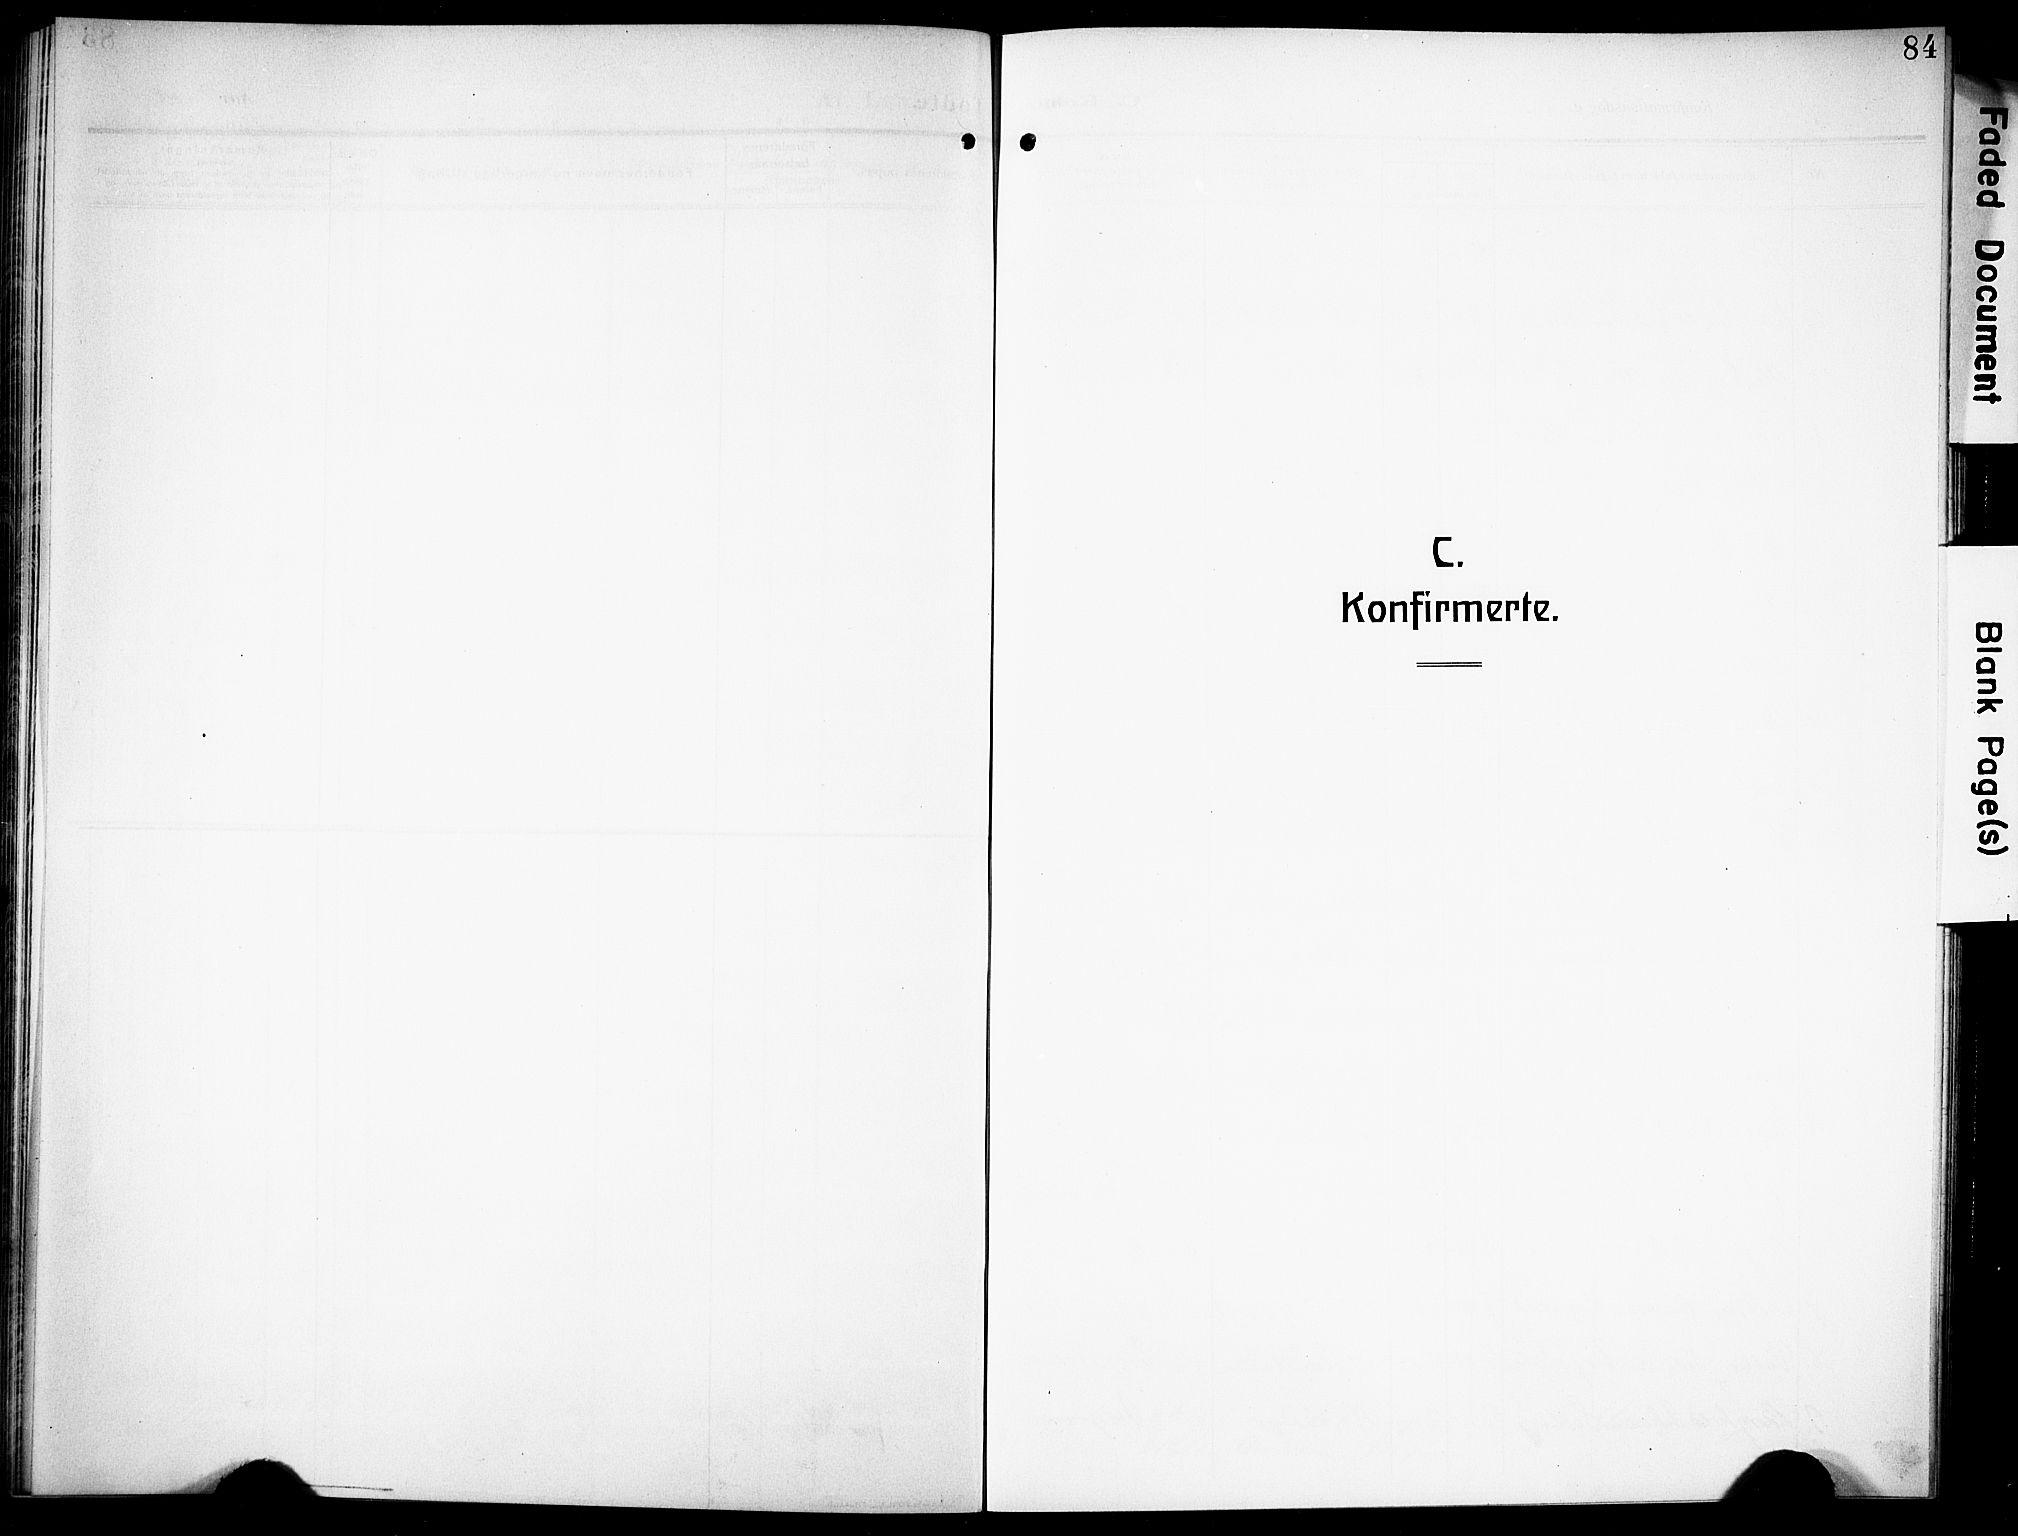 SAKO, Siljan kirkebøker, G/Ga/L0003: Klokkerbok nr. 3, 1909-1927, s. 84